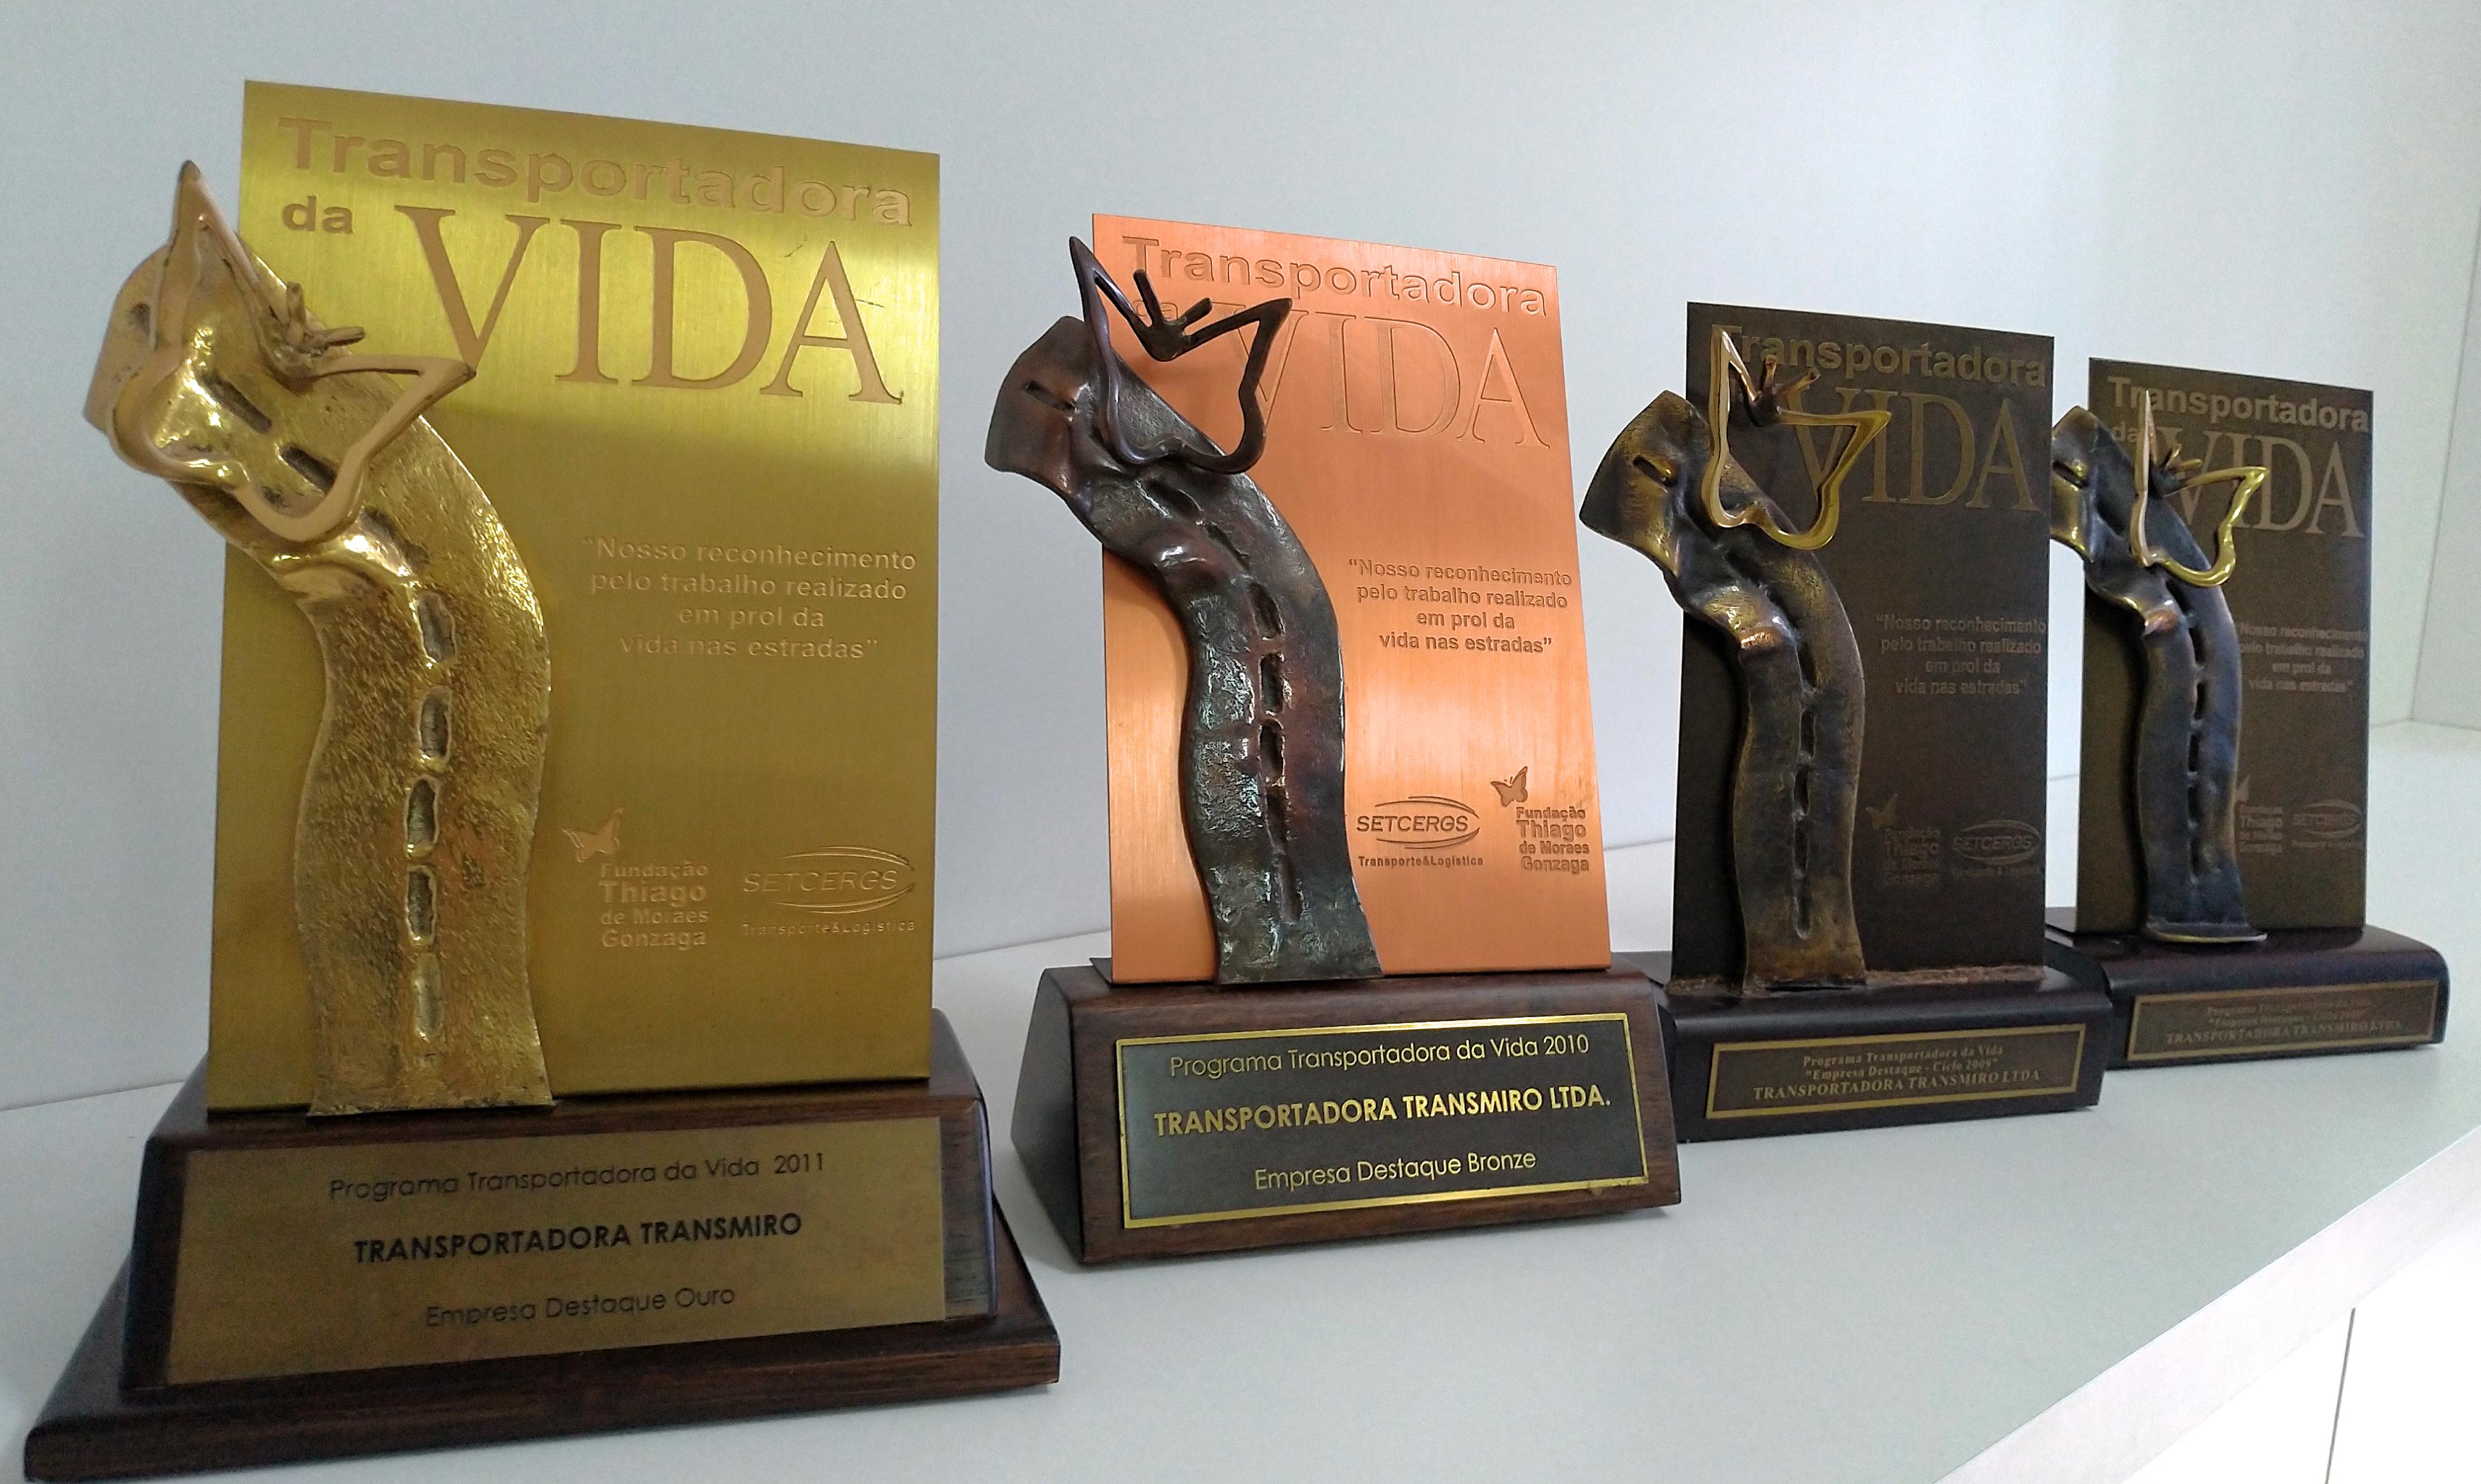 Prêmios Transportadora da Vida - SETCERGS e DETRAN